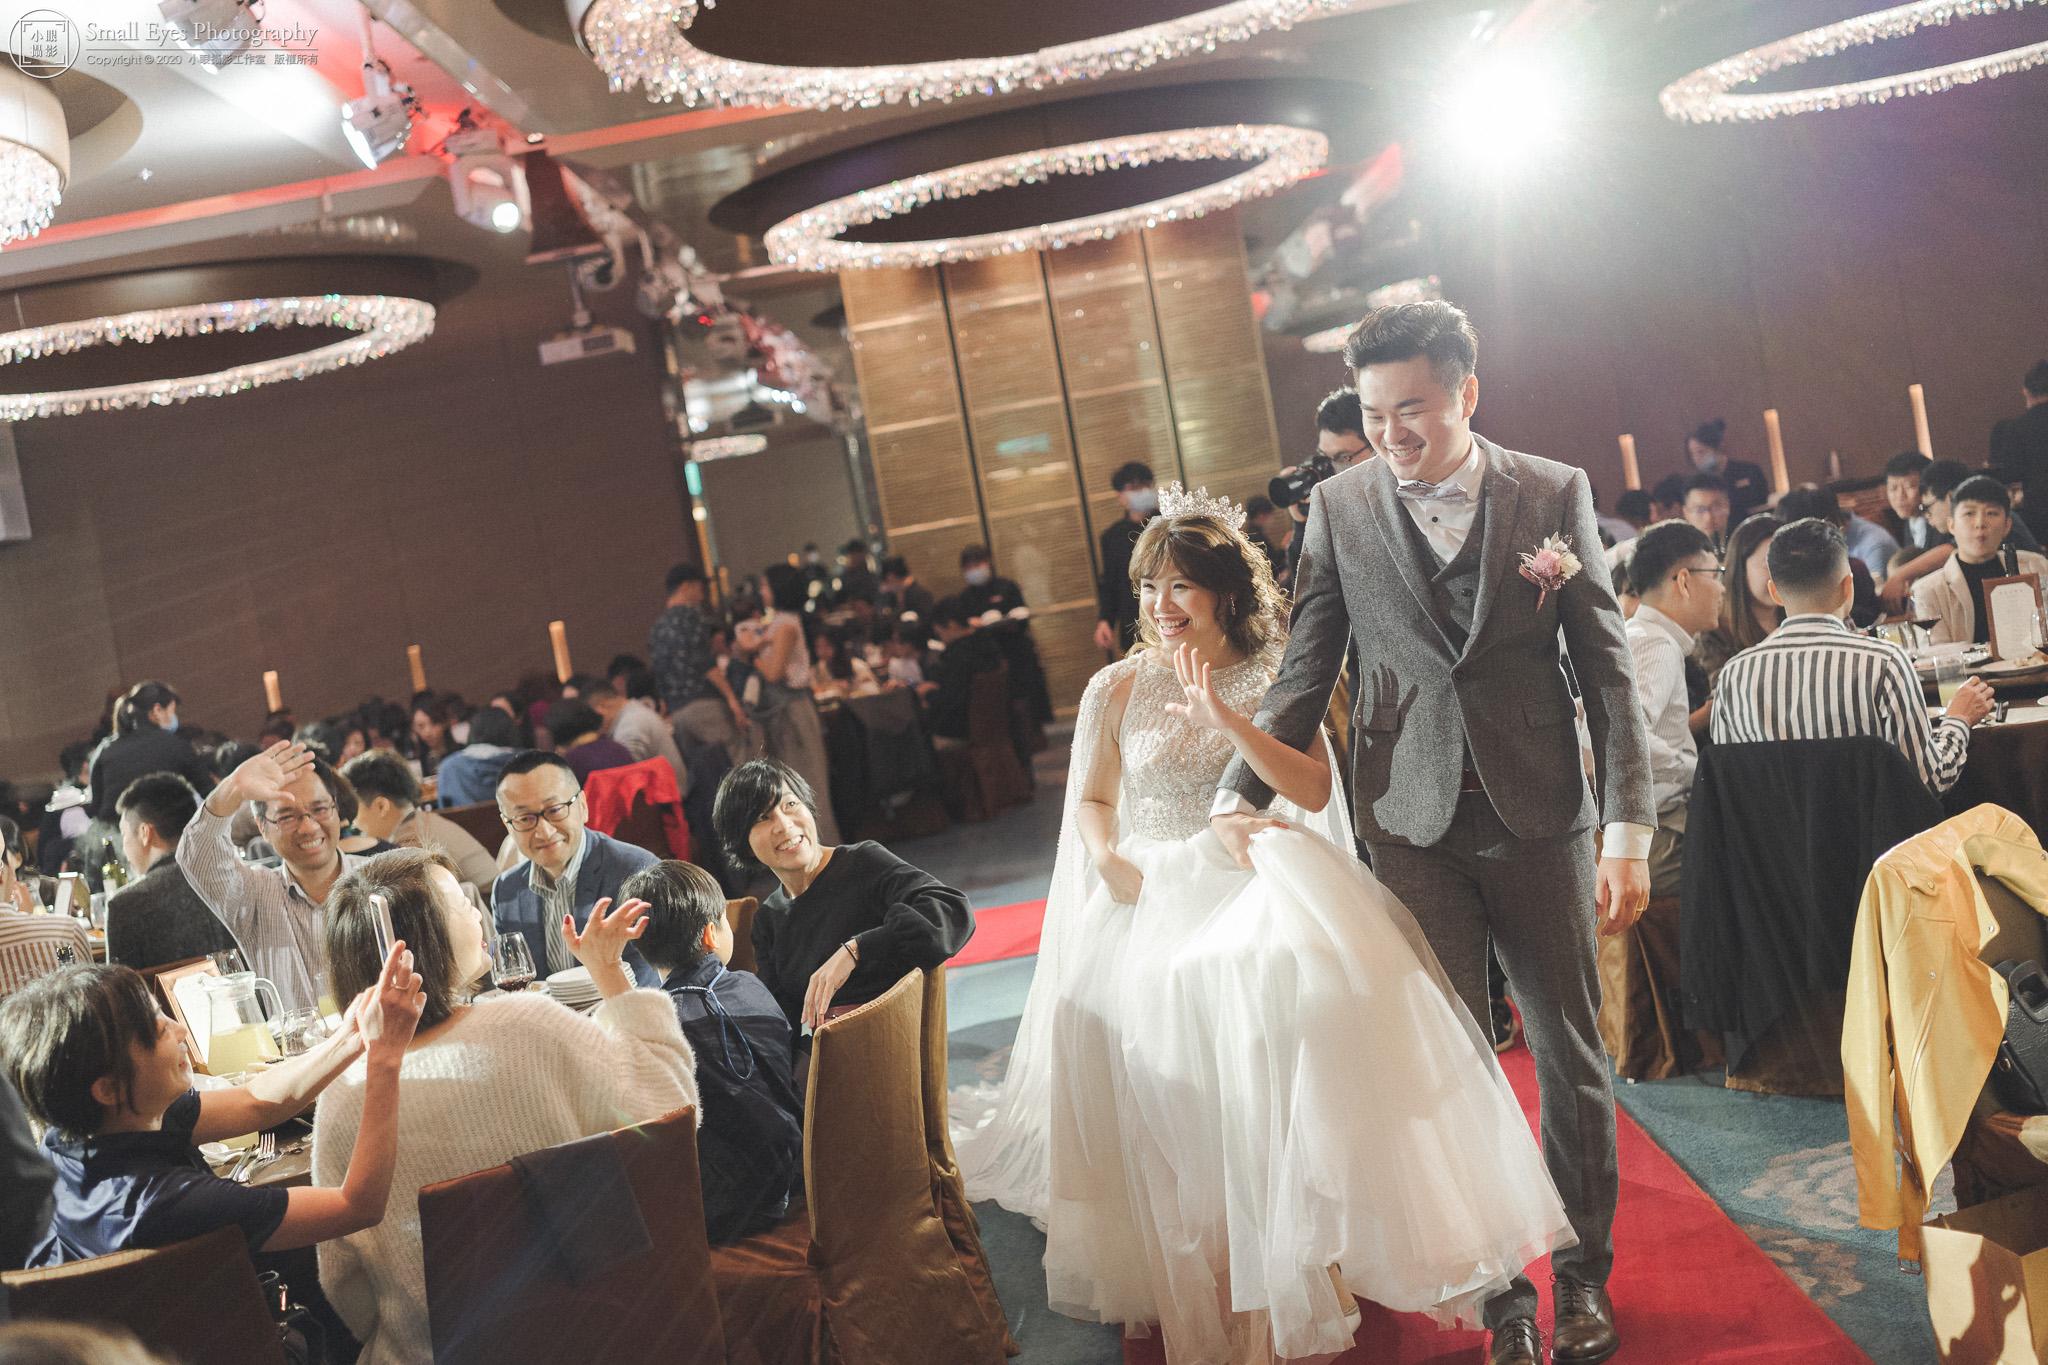 小眼攝影,婚攝,傅祐承,婚禮攝影,婚禮紀實,婚禮紀錄,台北,國賓,大飯店,巴洛克zoe,新娘秘書,進場